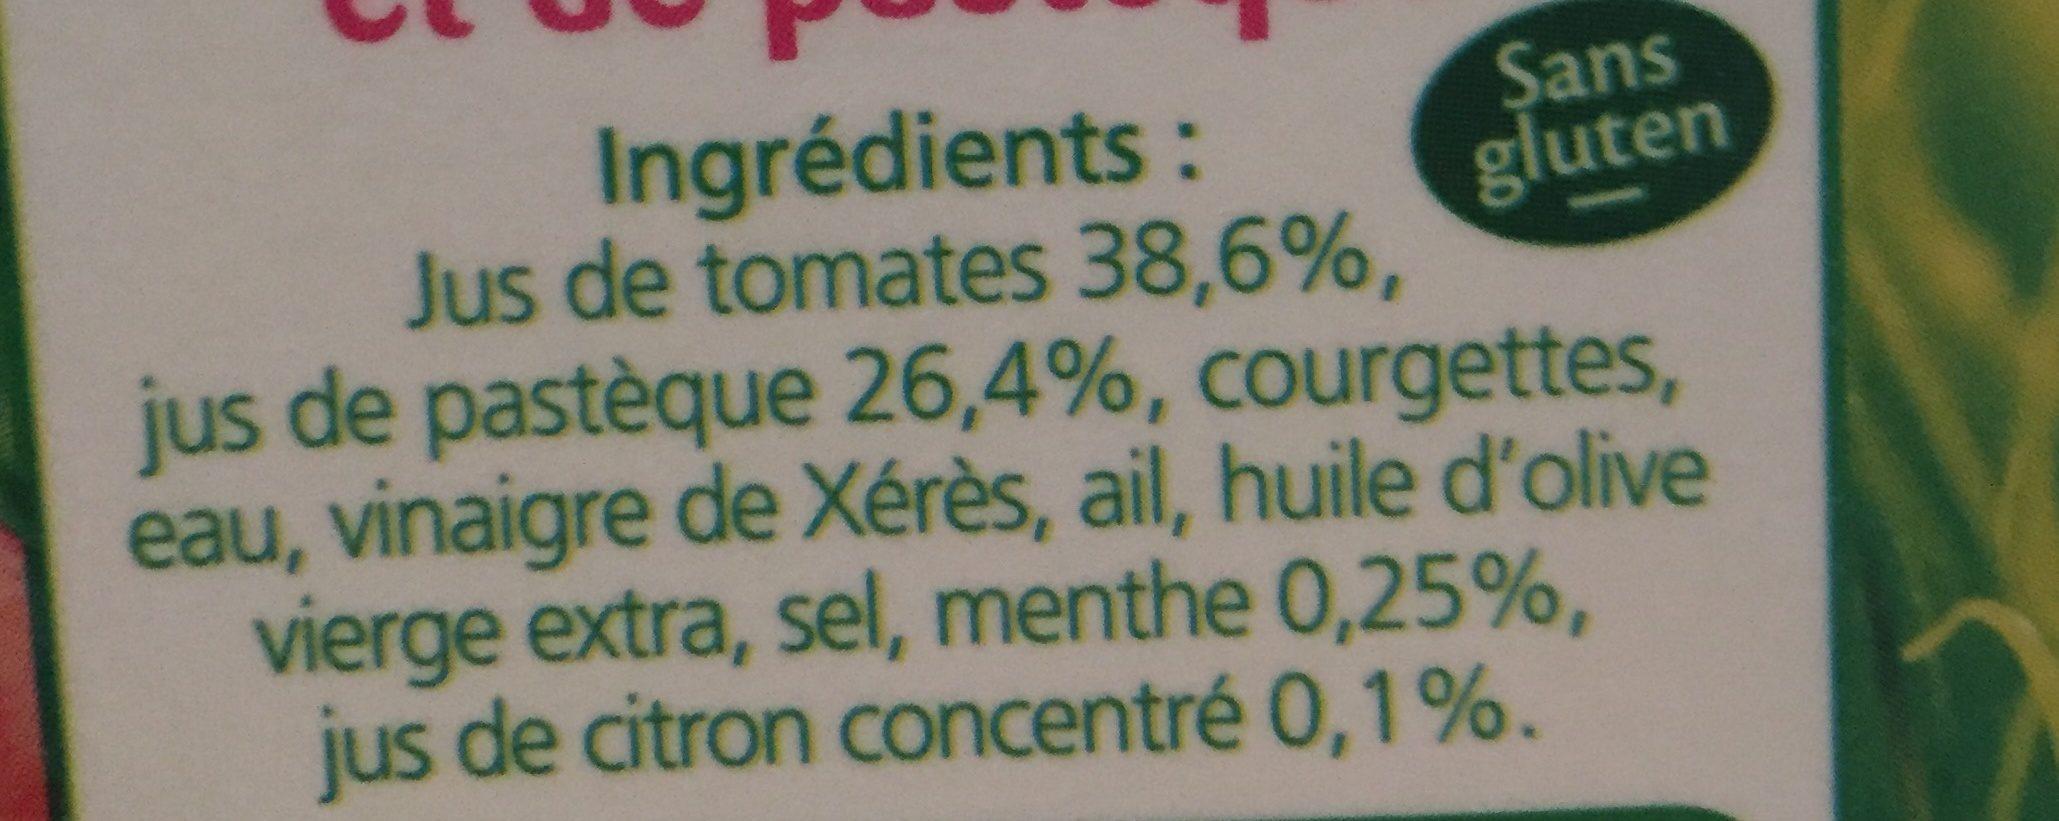 Gaspacho de tomates et pastèques LA POTAGERE, 1L - Ingrédients